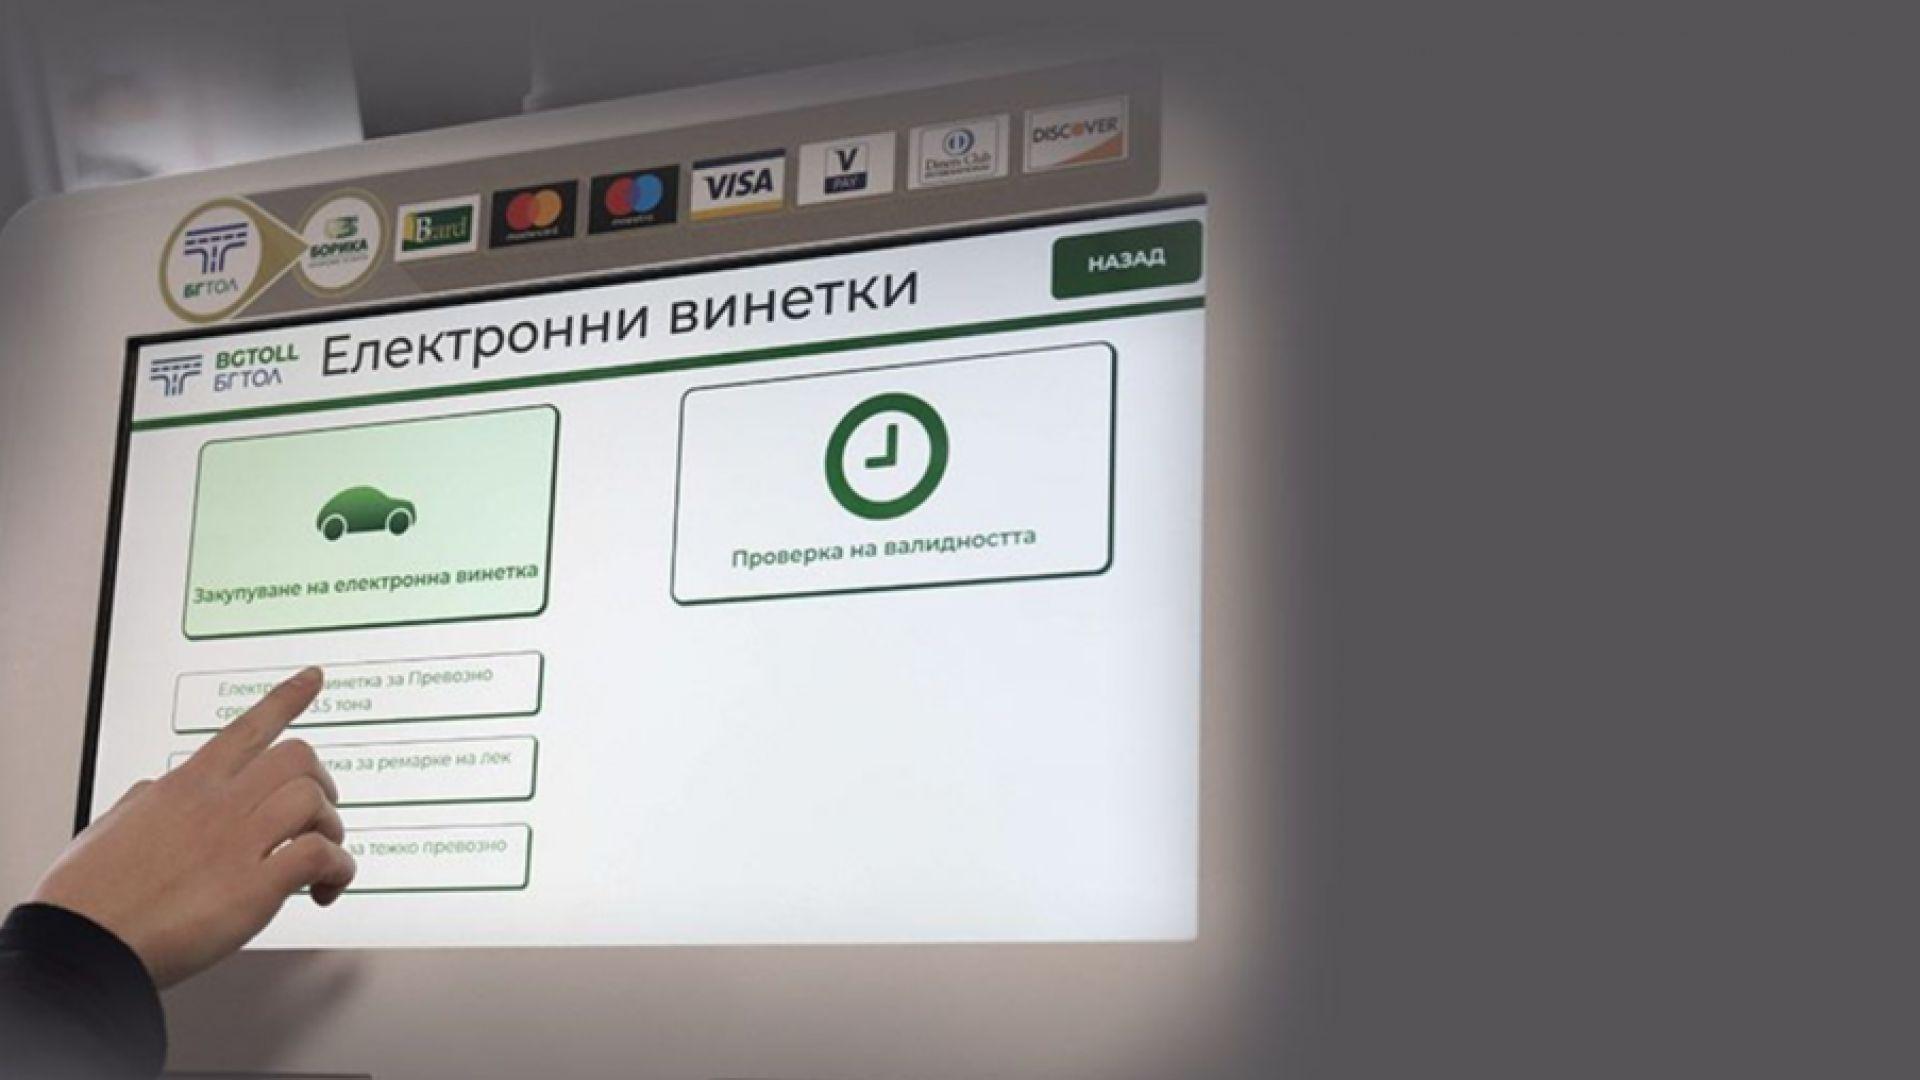 АПИ: Над 220 хил. е-винетки са продадени до момента